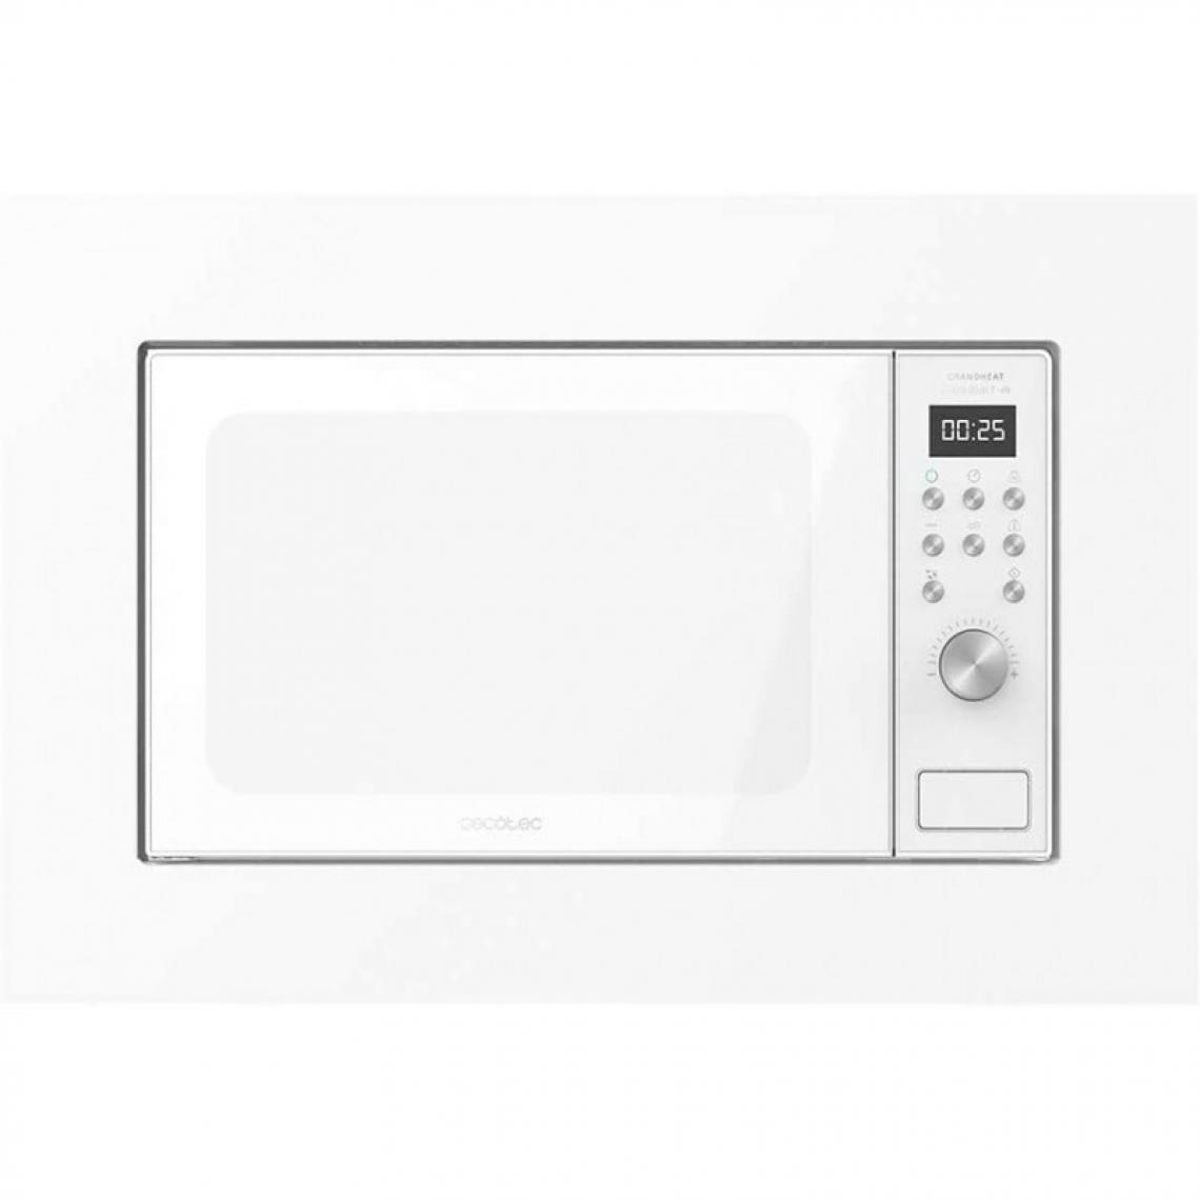 Cecotec Cecotec, Micro-ondes Intégré Numérique, GrandHeat 2000 Built-In White, 700W, 20 L, Gril avec 900W, 9 Fonctions